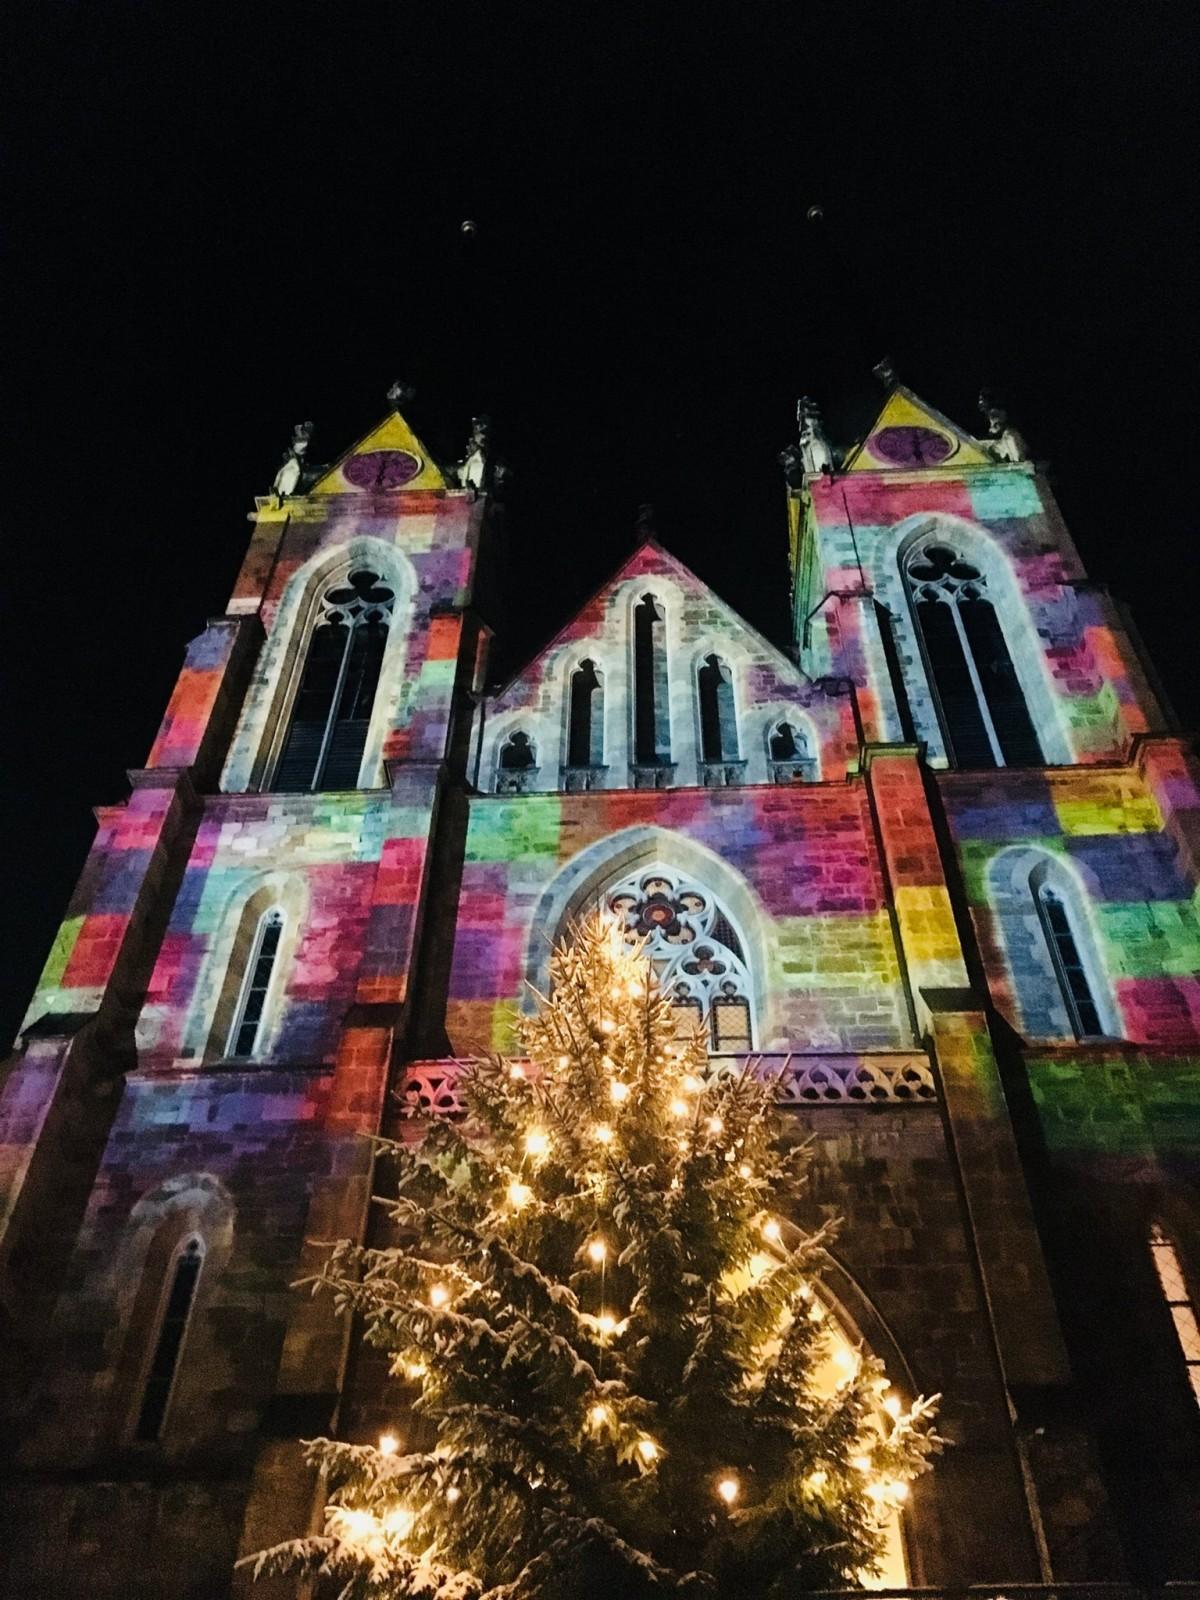 Faszinierende Lichtprojektion am Pongauer Dom